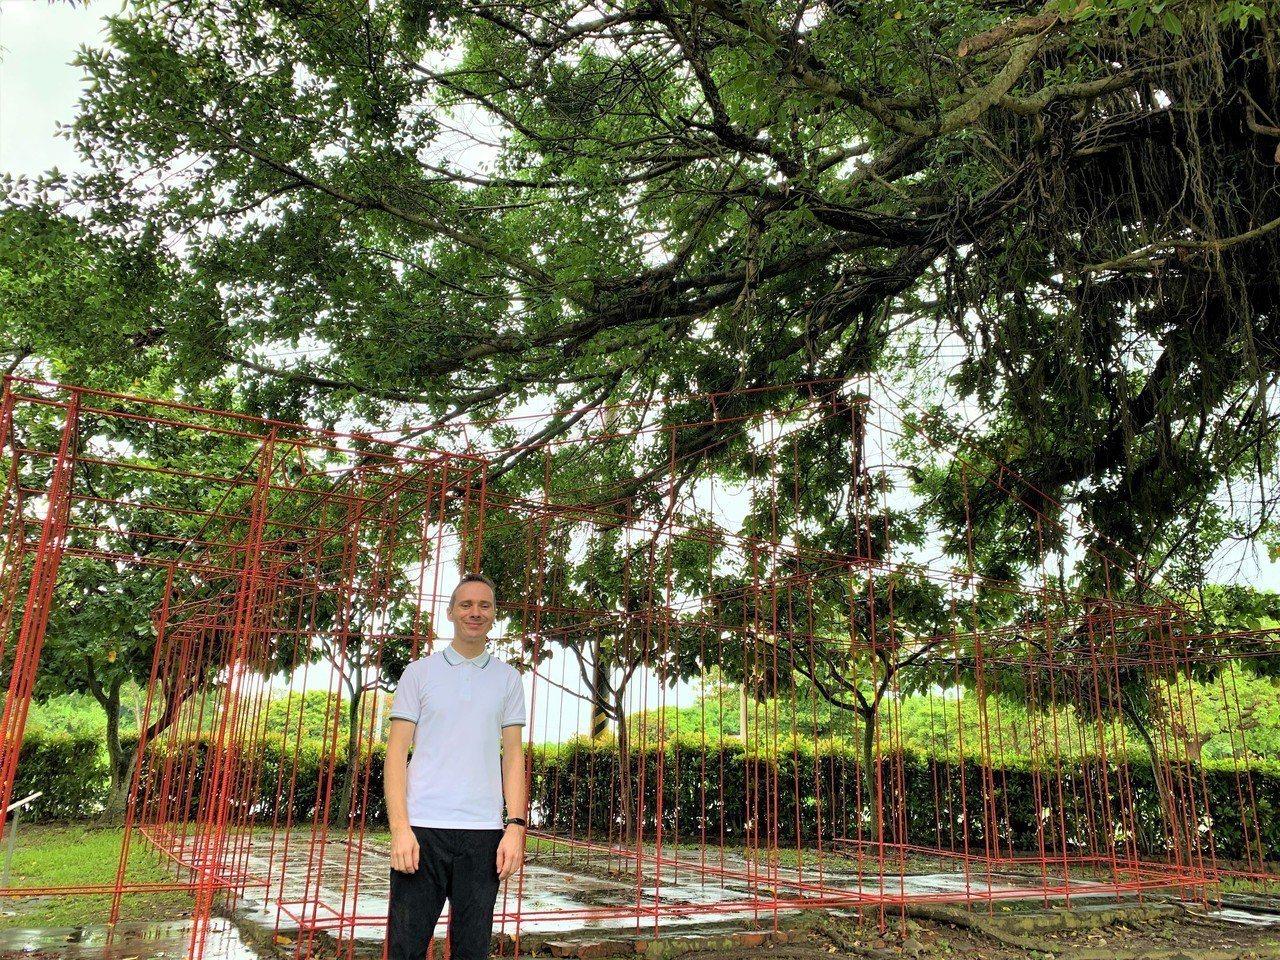 匈牙利藝術家托馬斯‧史維特重現總爺糖廠公共澡堂的記憶。記者吳淑玲/攝影